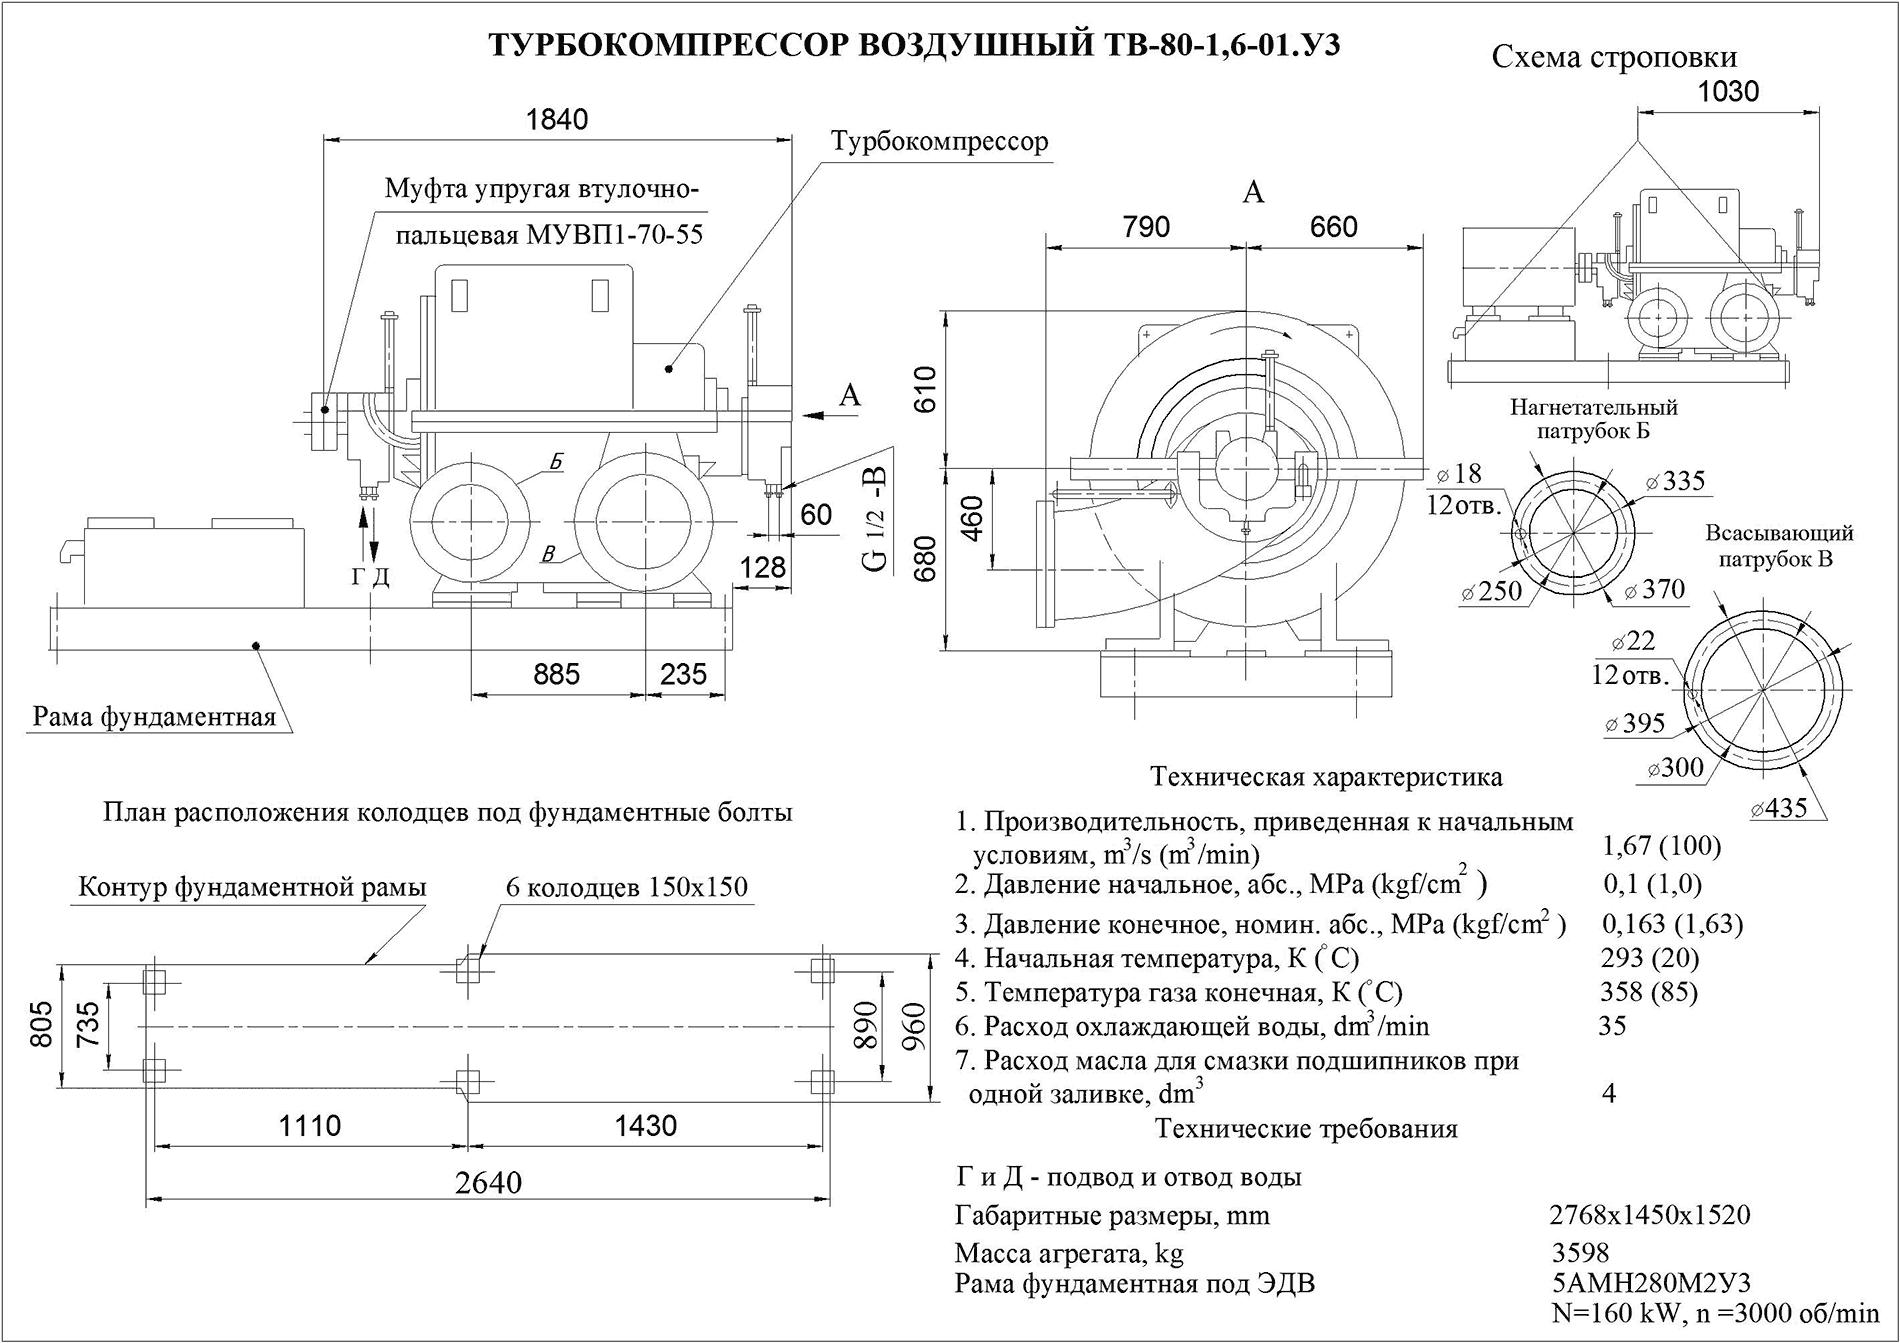 Турбокомпрессор многоступенчатый воздушный ТВ-80-1,6-01У3